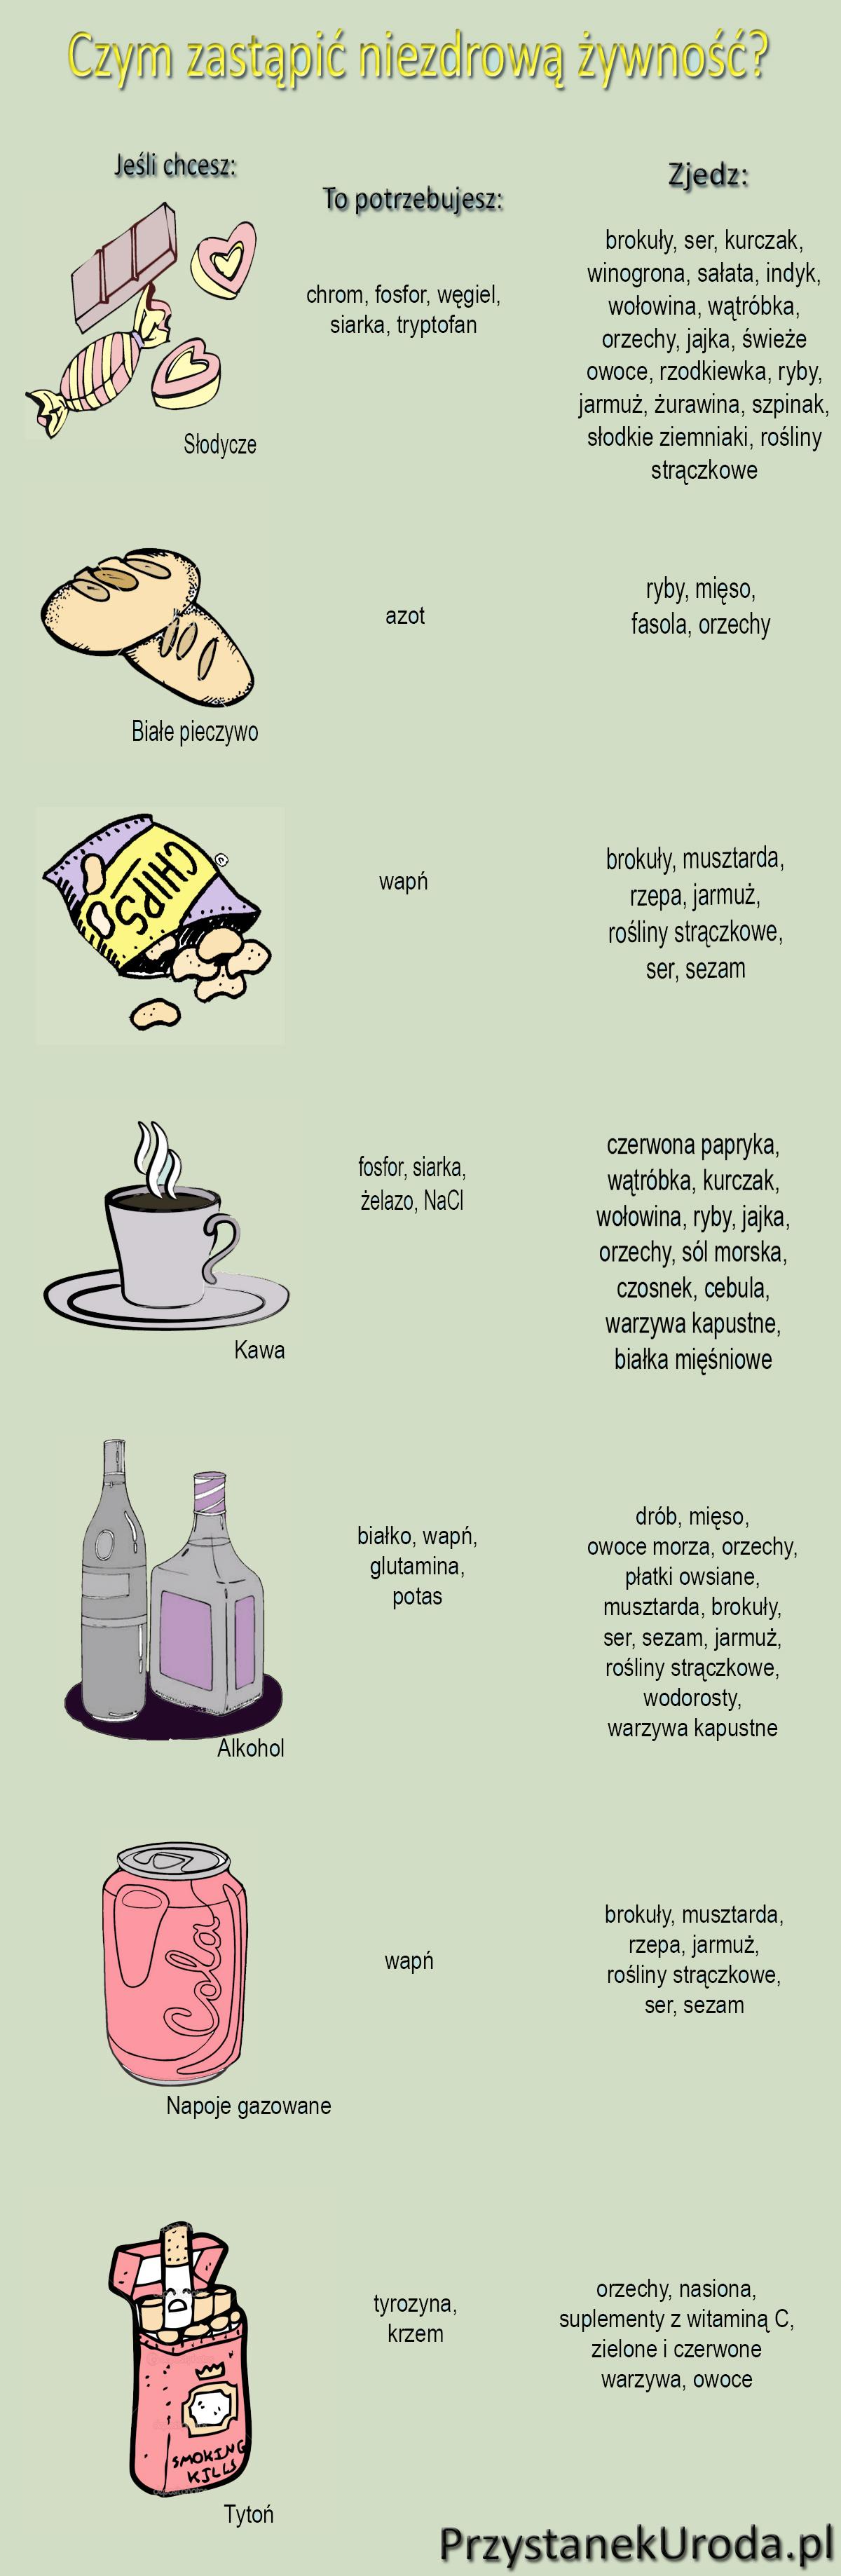 Infografika Zdrowa Zywnosc Czym Zastapic Niezdrowa Zywnosc Health Lifestyle Food Workout Food Health Food